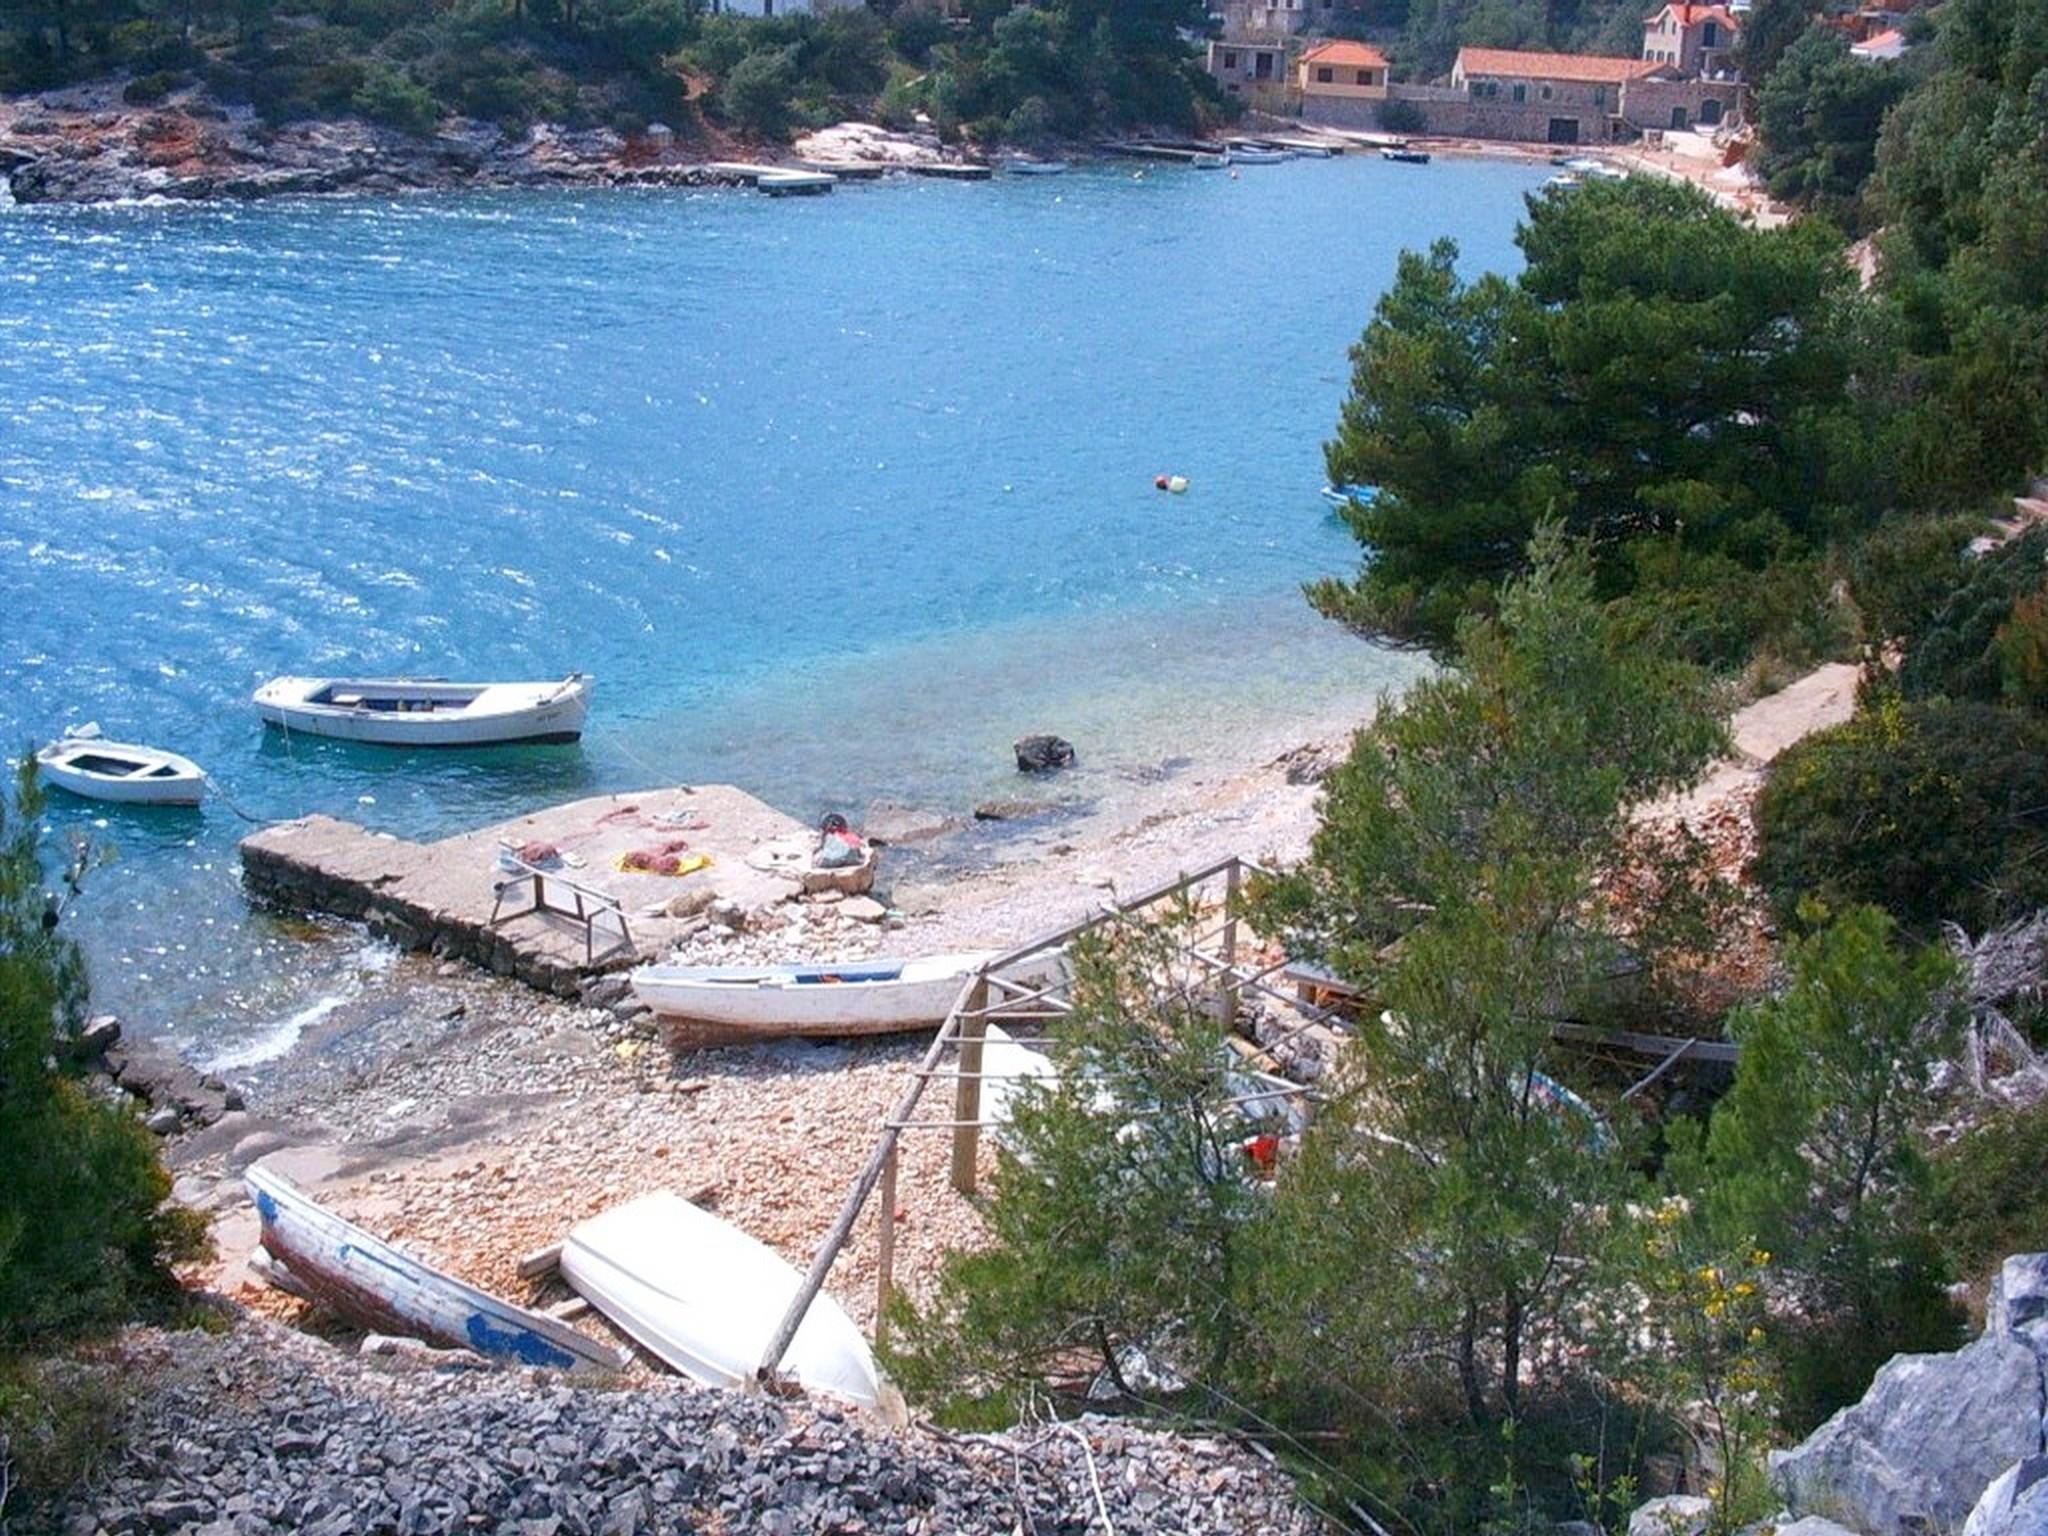 Ferienwohnung Ferienwohnungen Duaan, Apartman A4 (942266), Vrbanj, Insel Hvar, Dalmatien, Kroatien, Bild 8